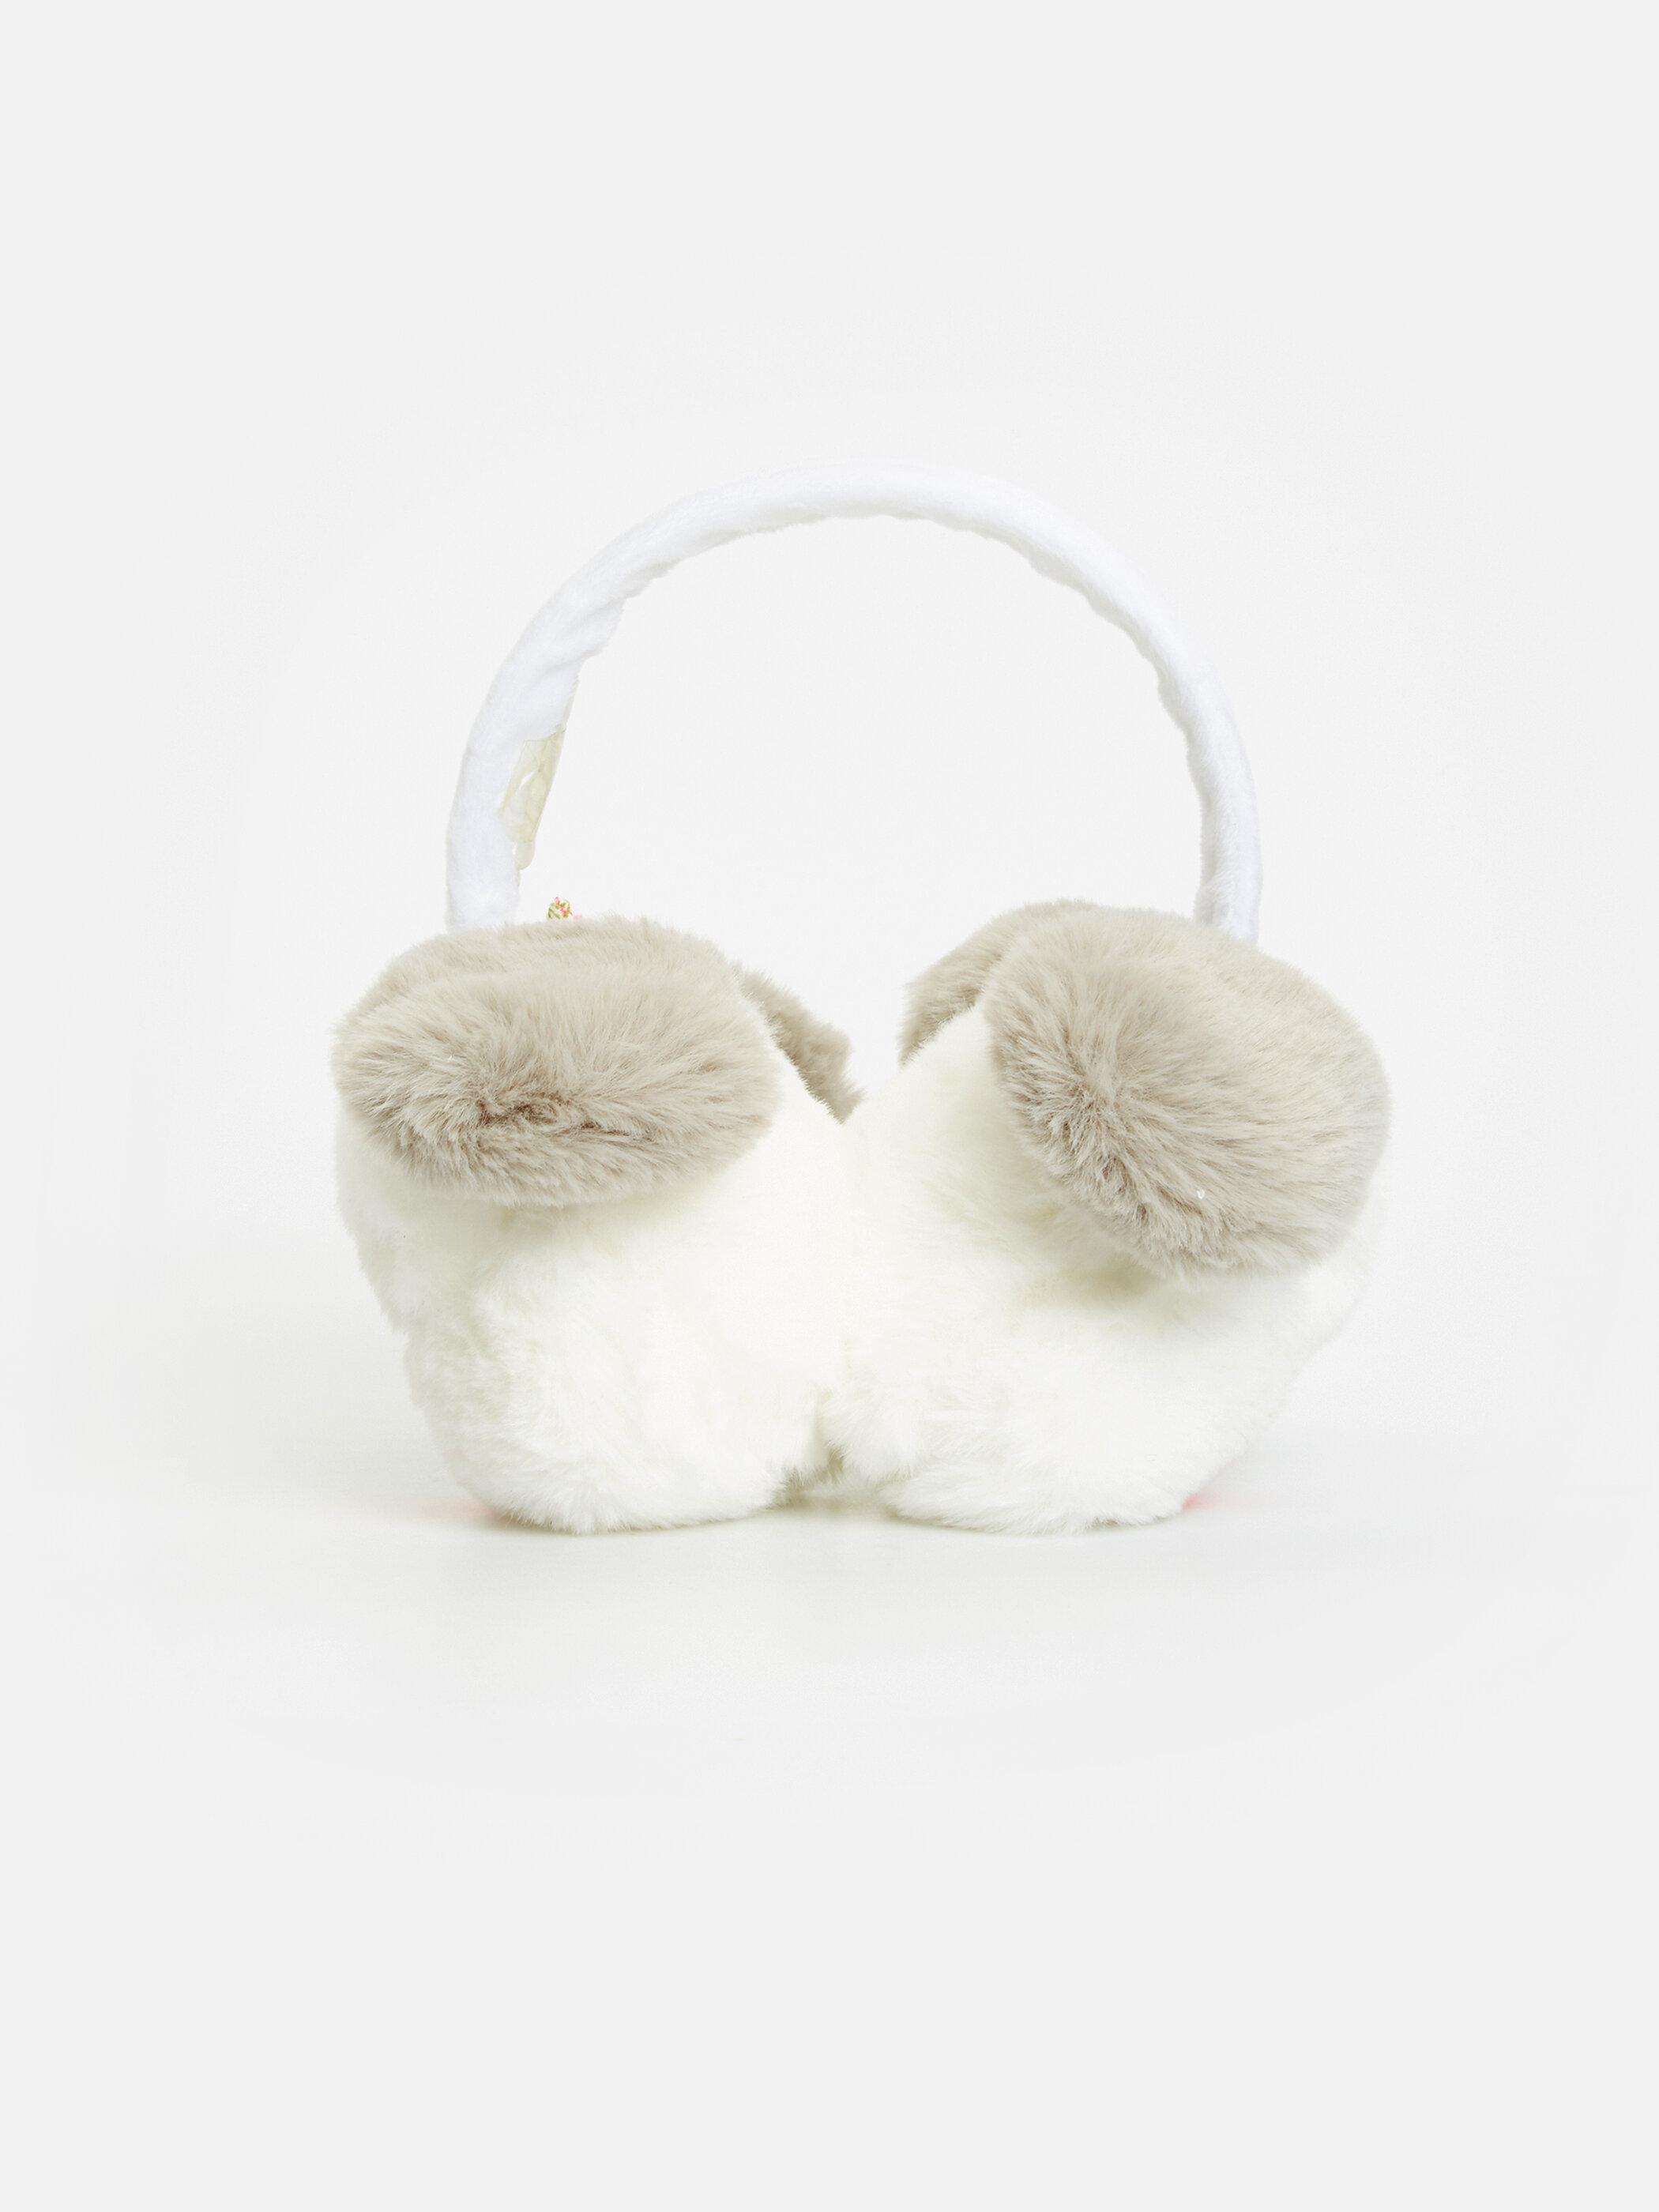 Kız Bebek Hayvan Figürlü Pelüş Kulaklık -8WM097Z4-DCS